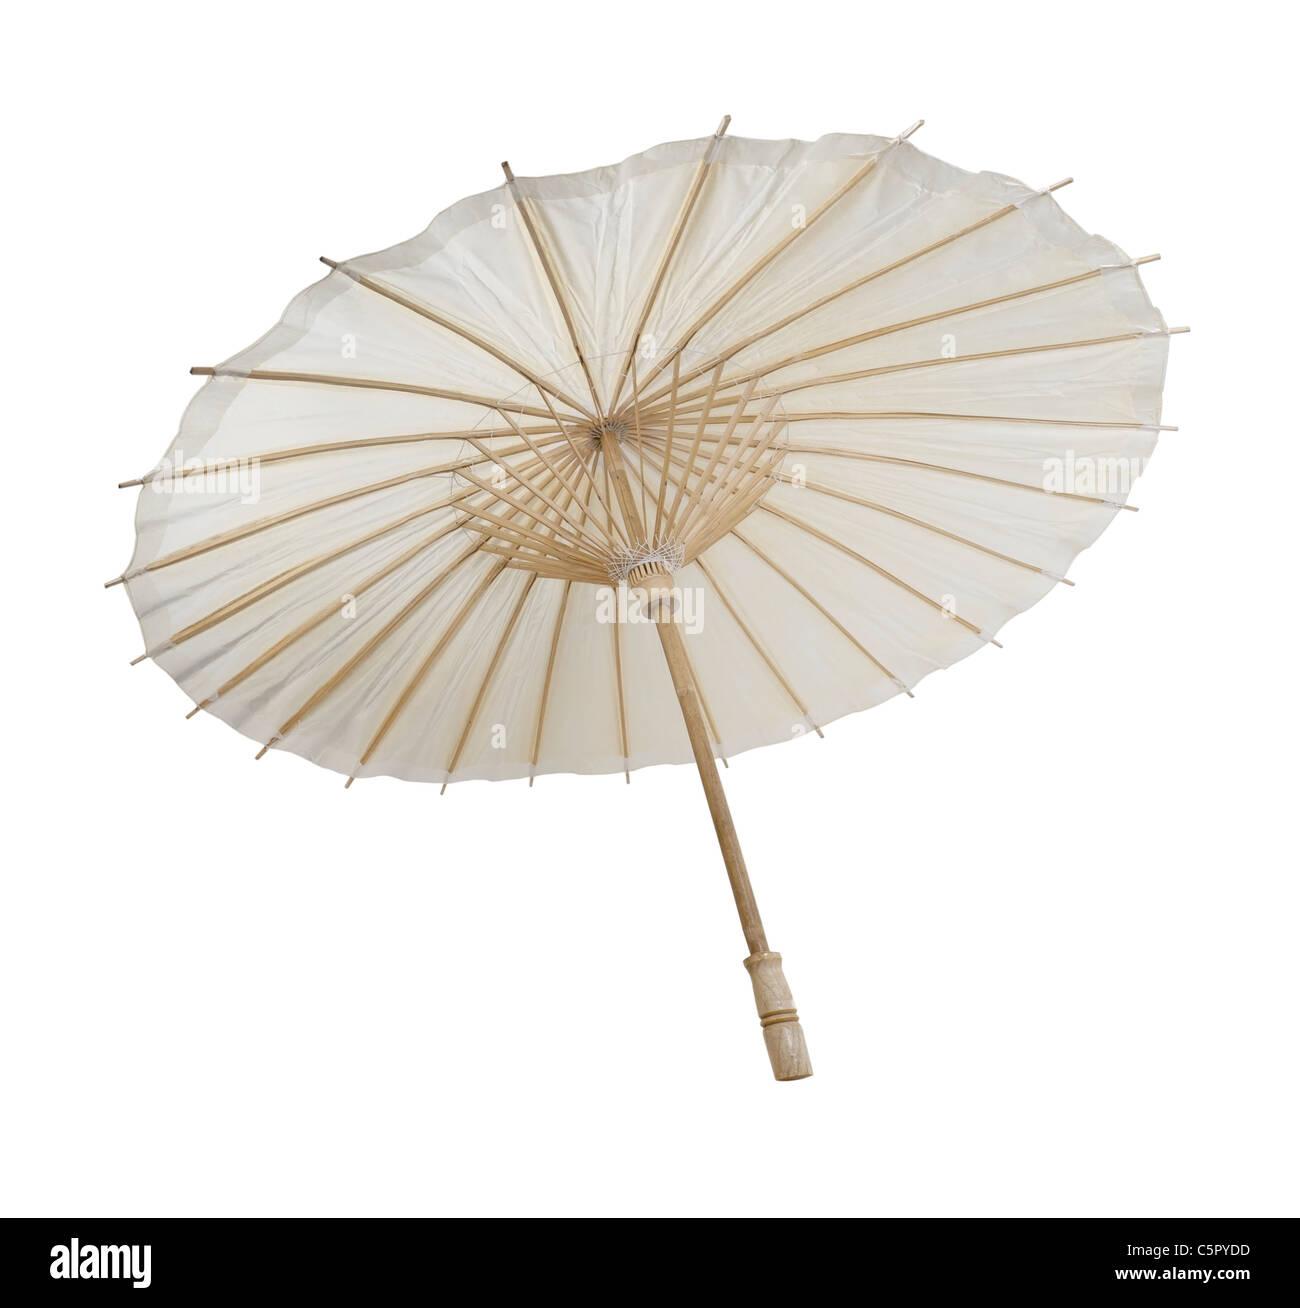 Asiatischer Sonnenschirm traditionelle asiatische papier und bambus sonnenschirm mit einem